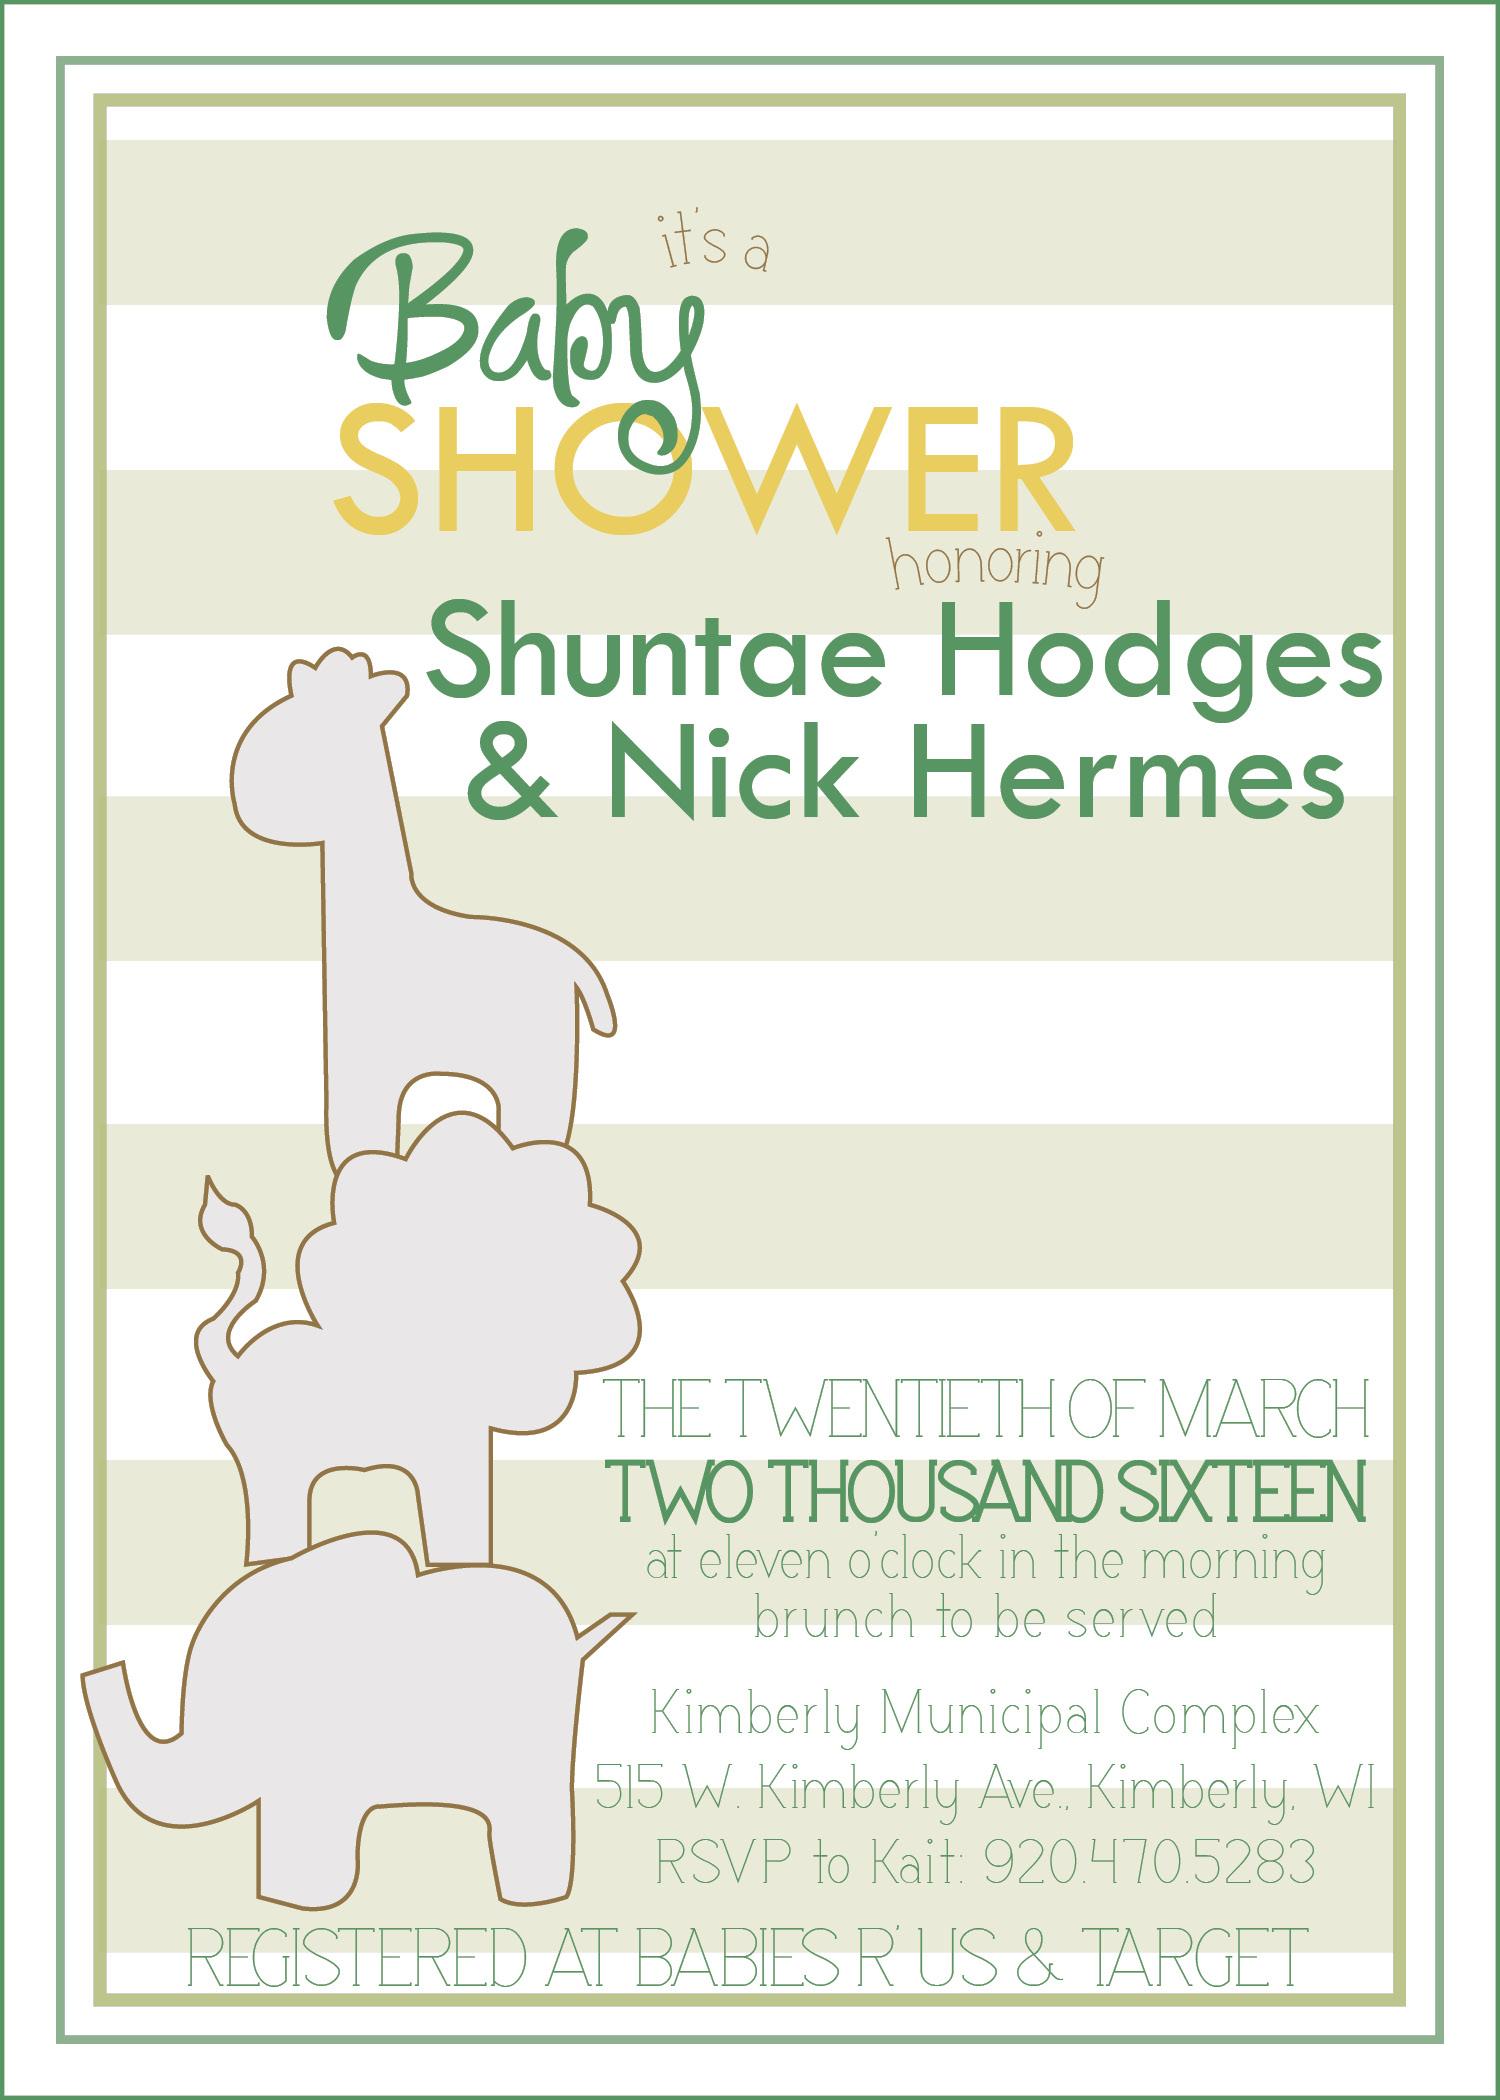 Shuntae Hodges baby shower